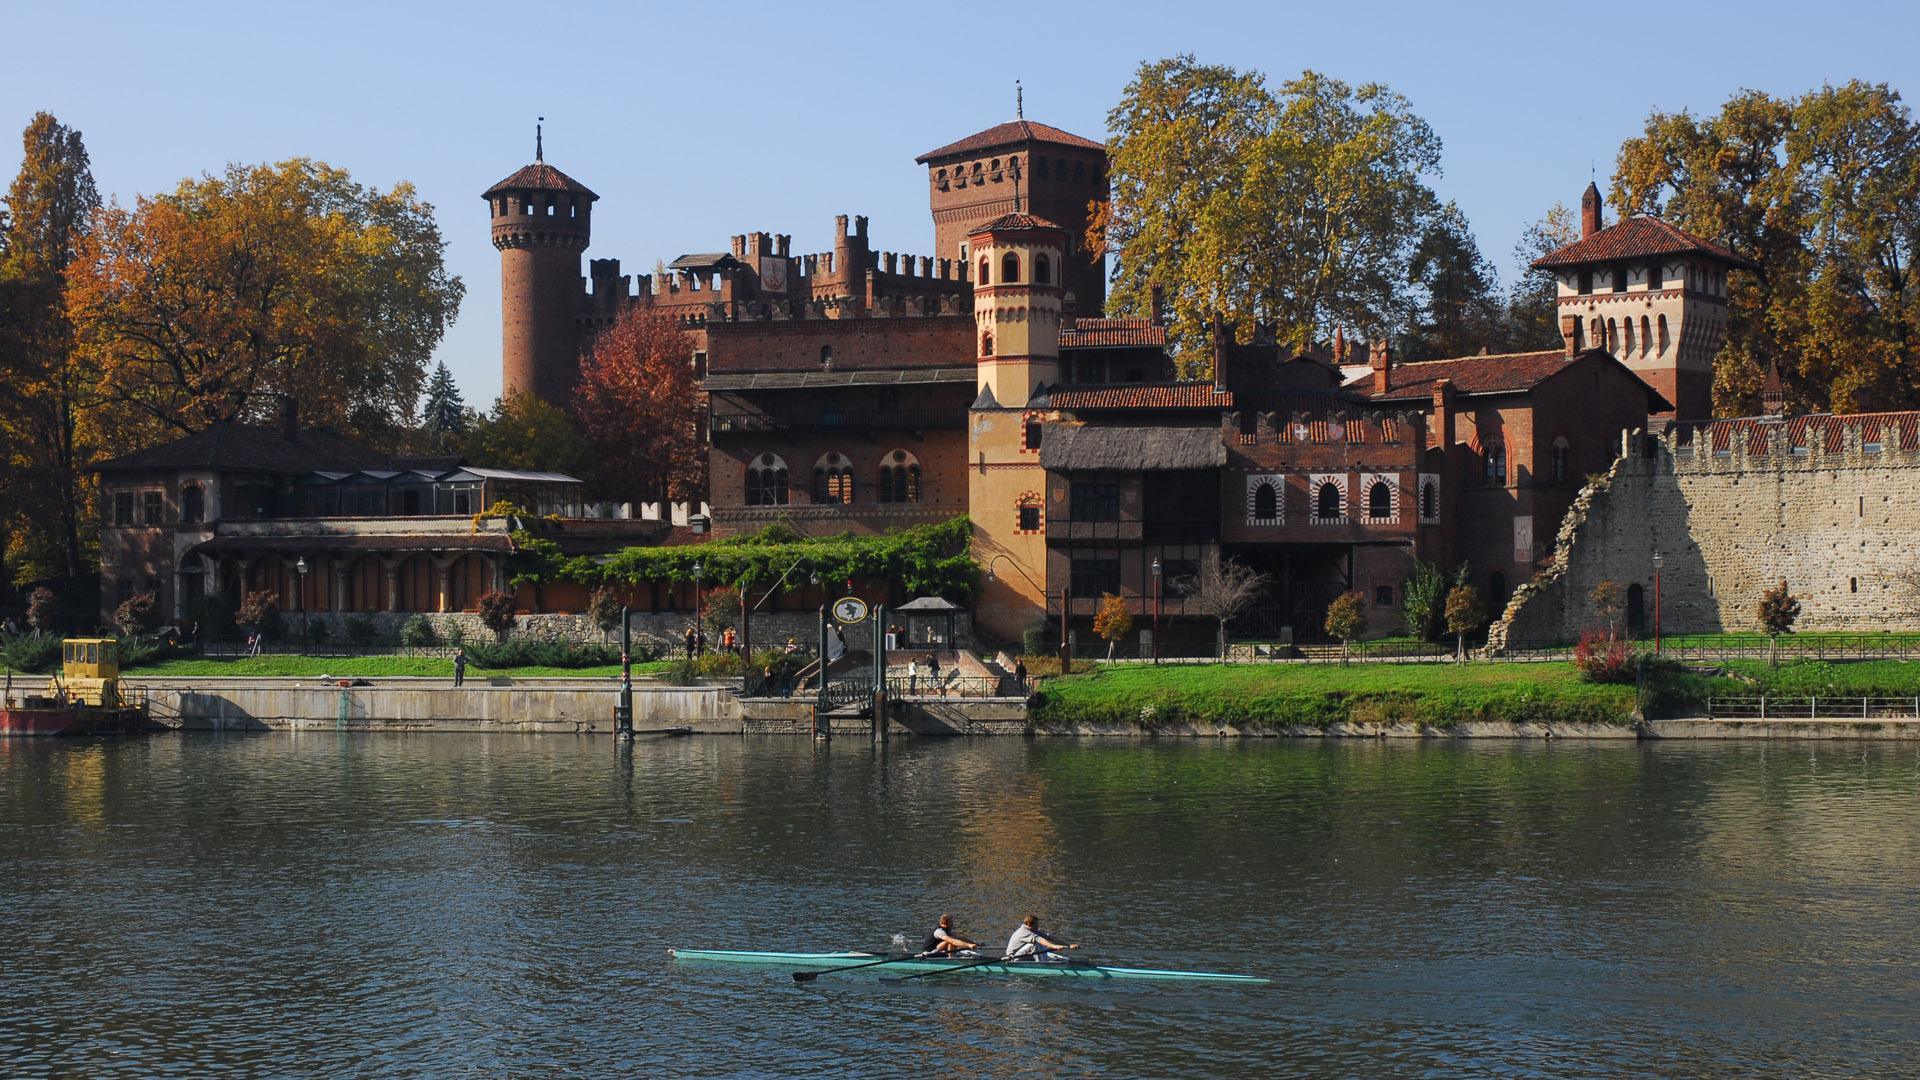 CULTURA – A Torino riapre il Borgo Medioevale con percorsi adatti alla situazione covid